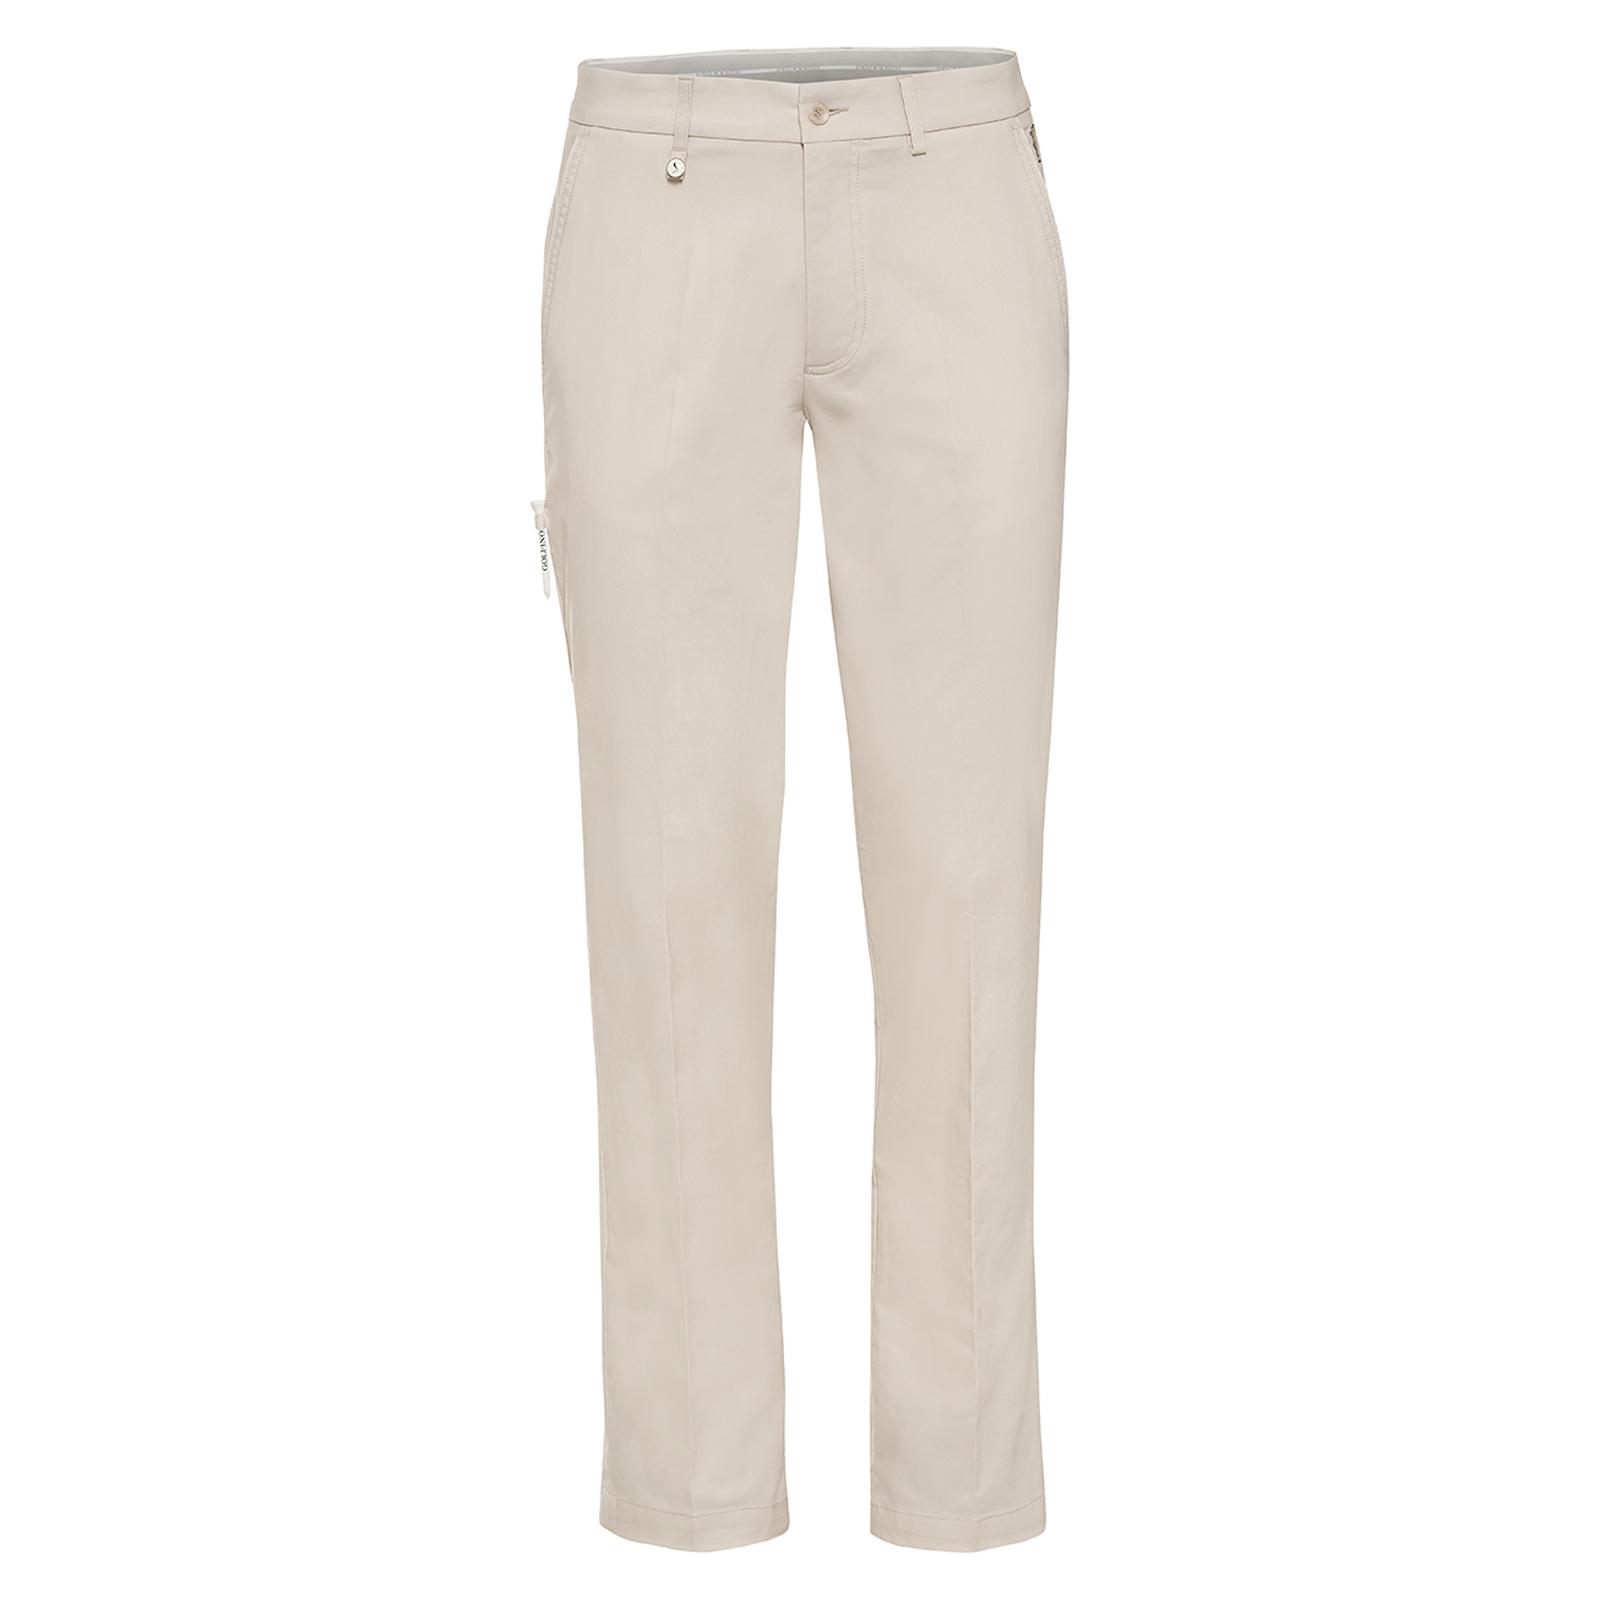 Herren Golfhose mit Extra Stretch Komfort aus Baumwoll-Mix